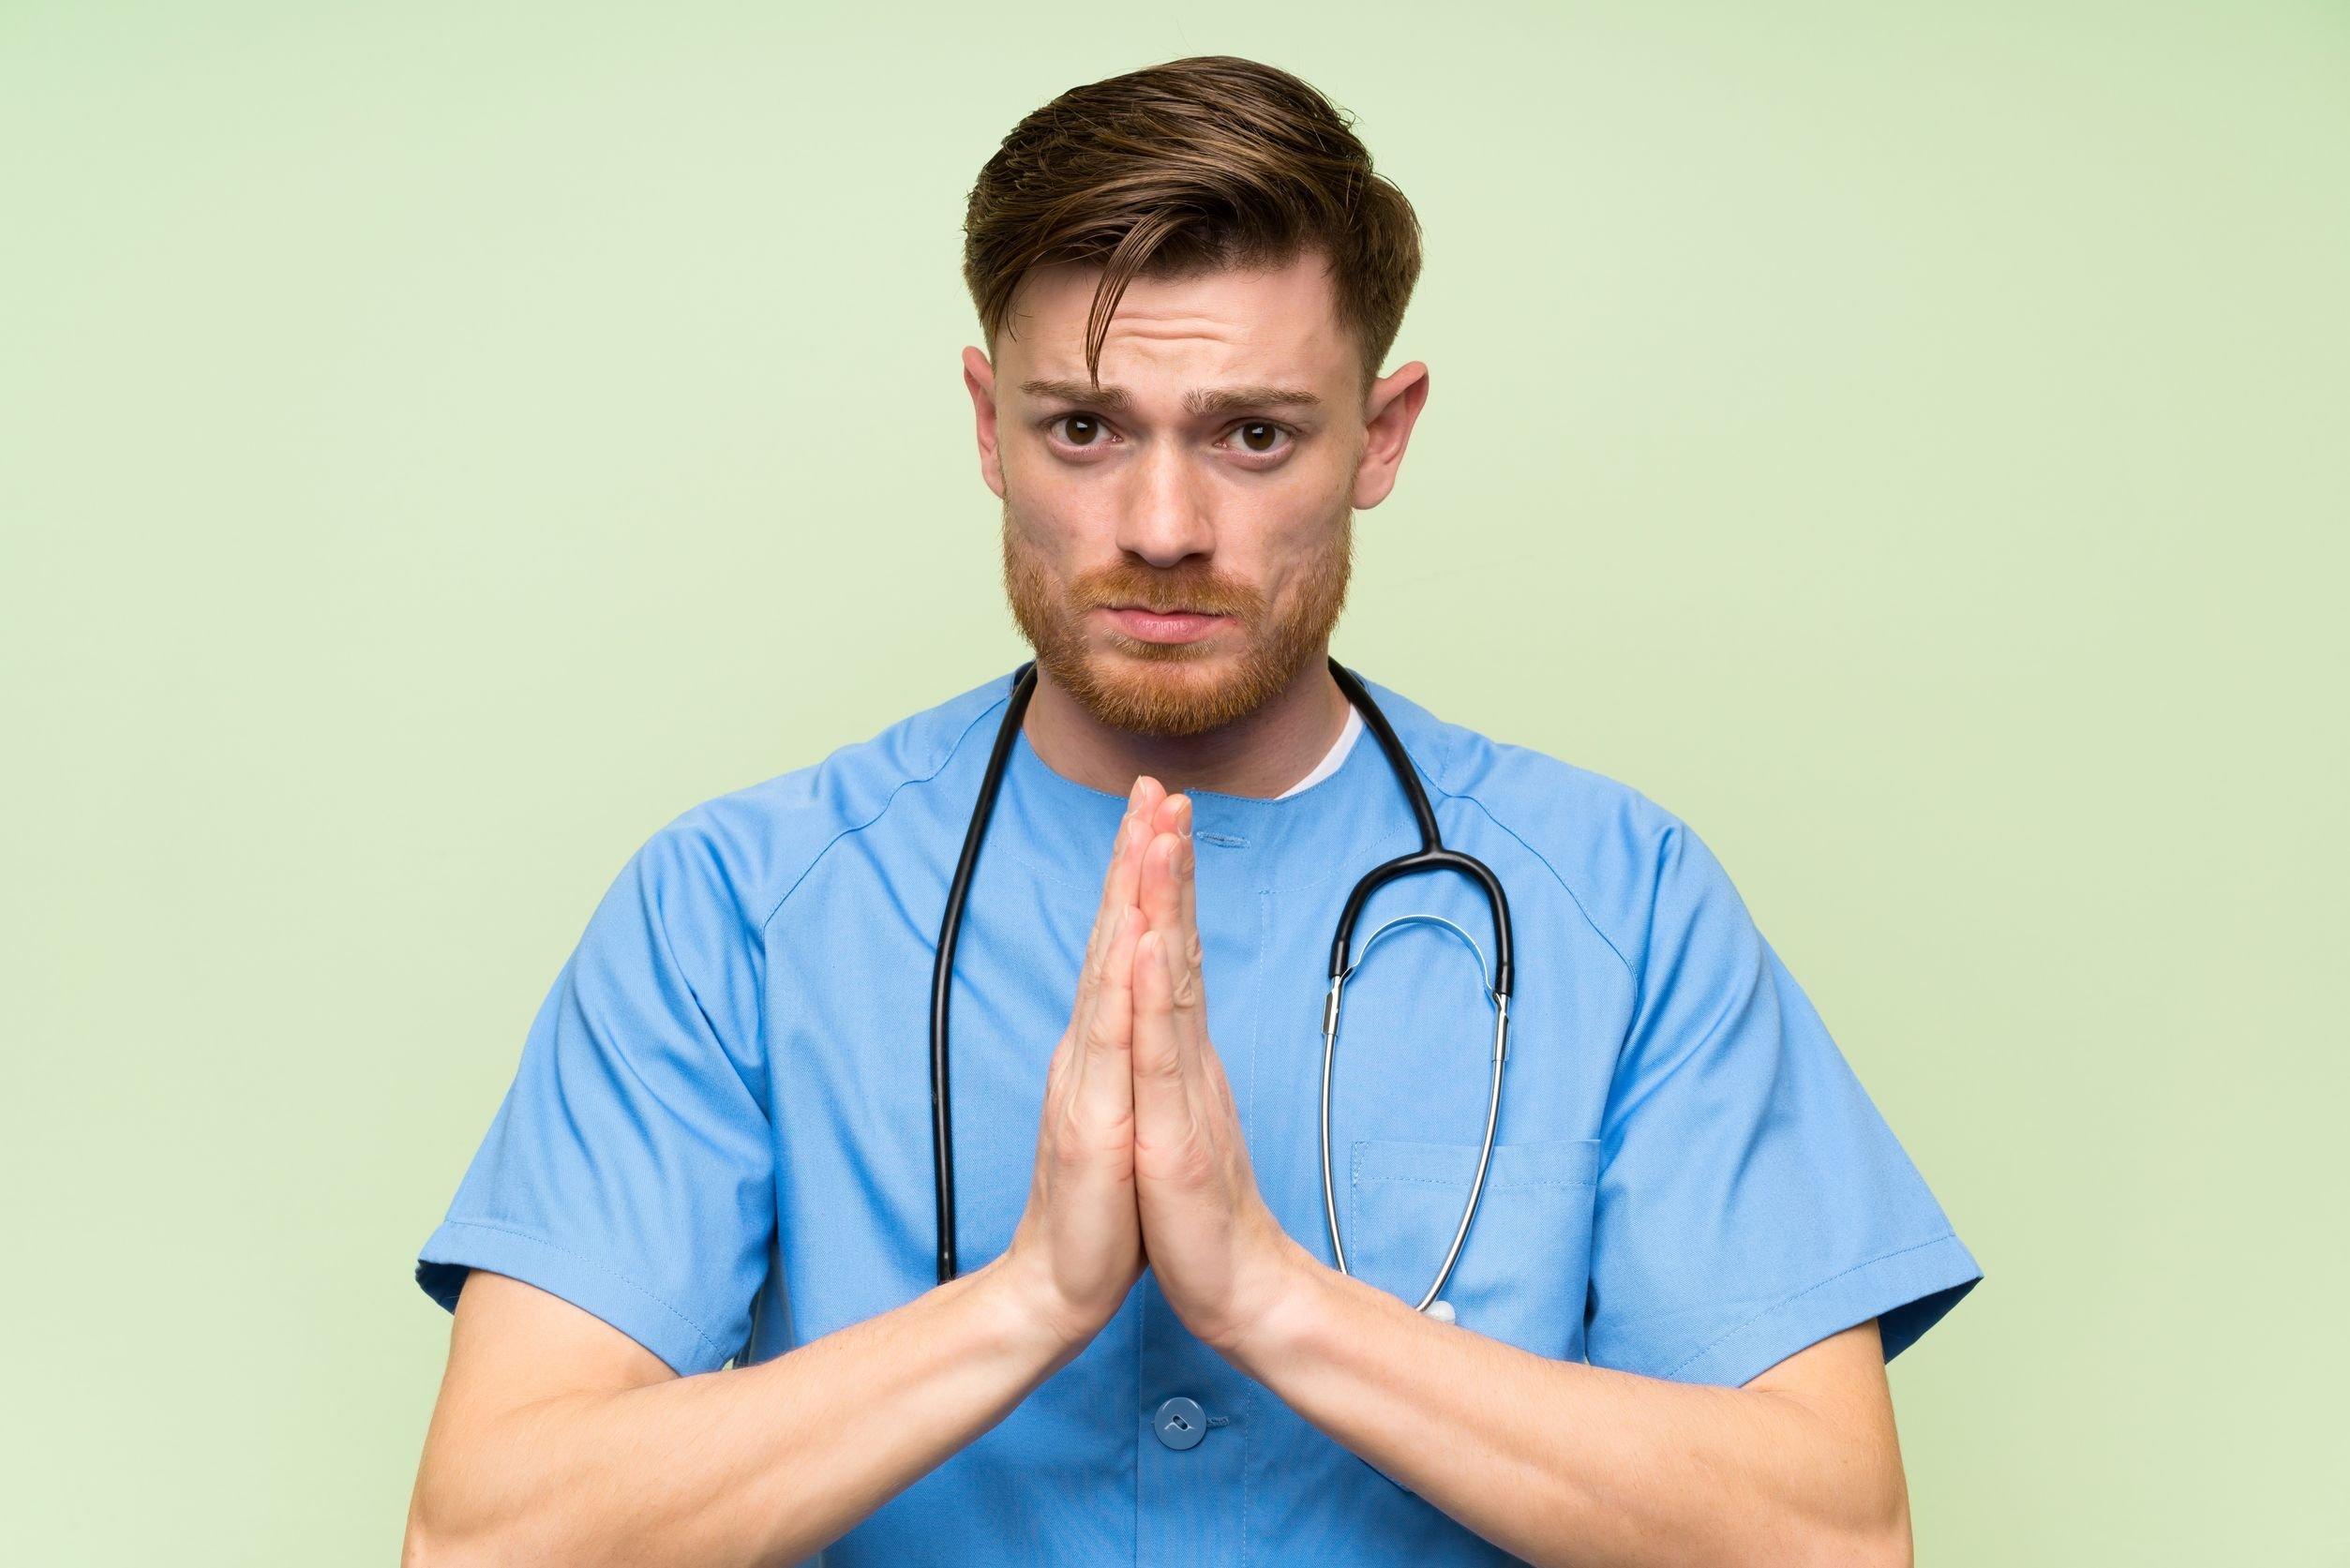 Enfermeiro com mãos juntas e expressão de preocupação, com estetoscópio em volta de pescoço